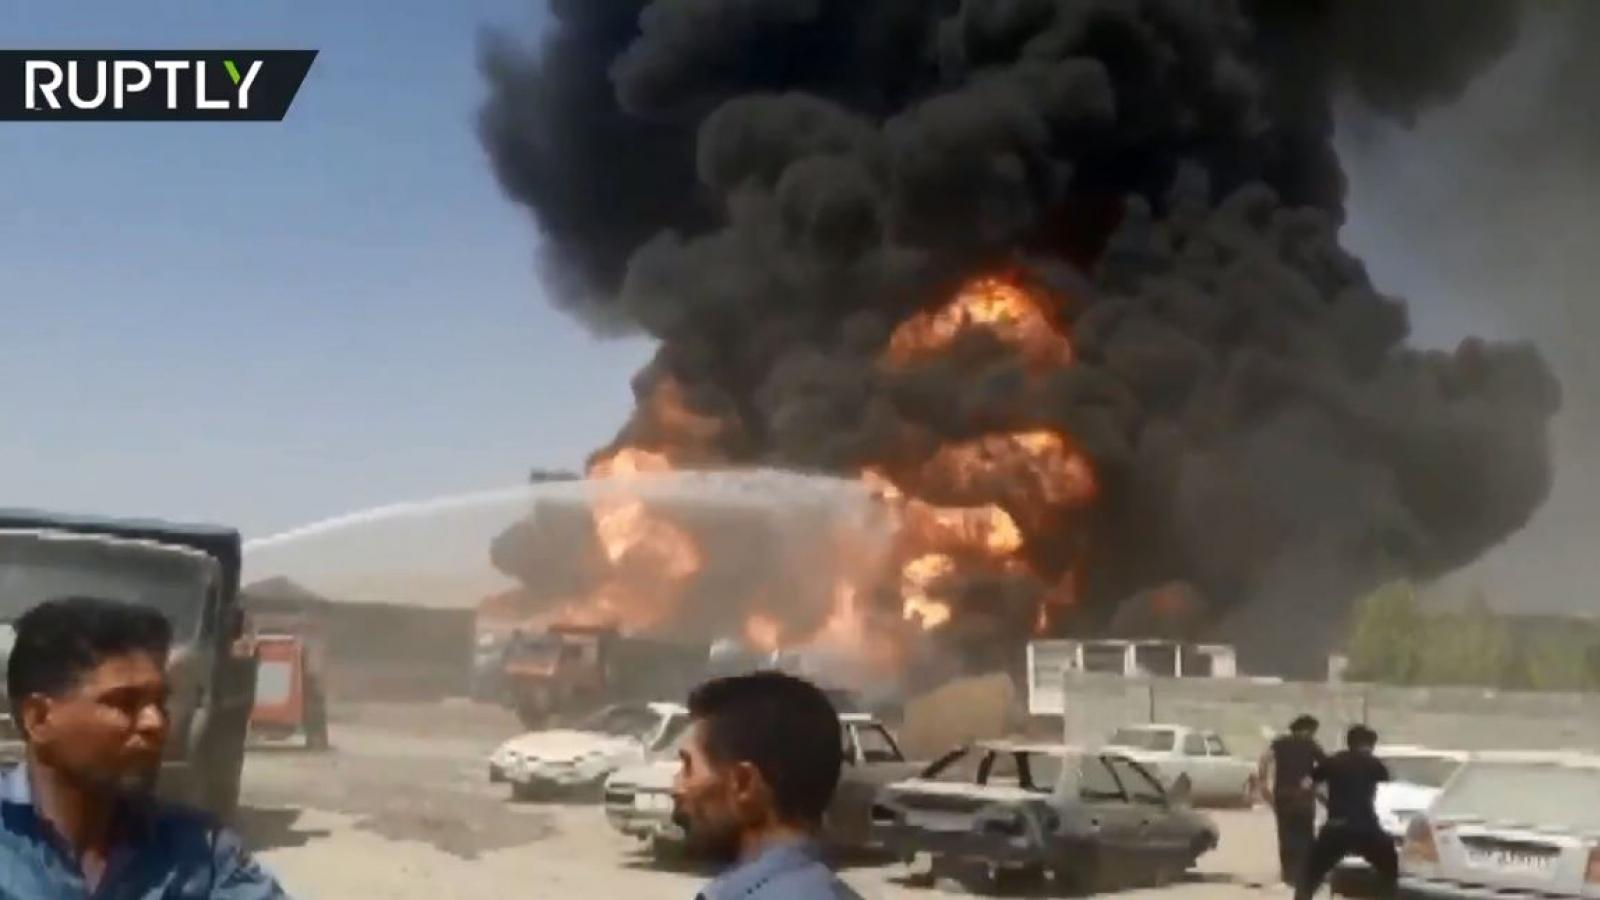 Sau các vụ nổ bí ẩn, 6 xe nhiên liệu của Iran lại bốc cháy ngùn ngụt